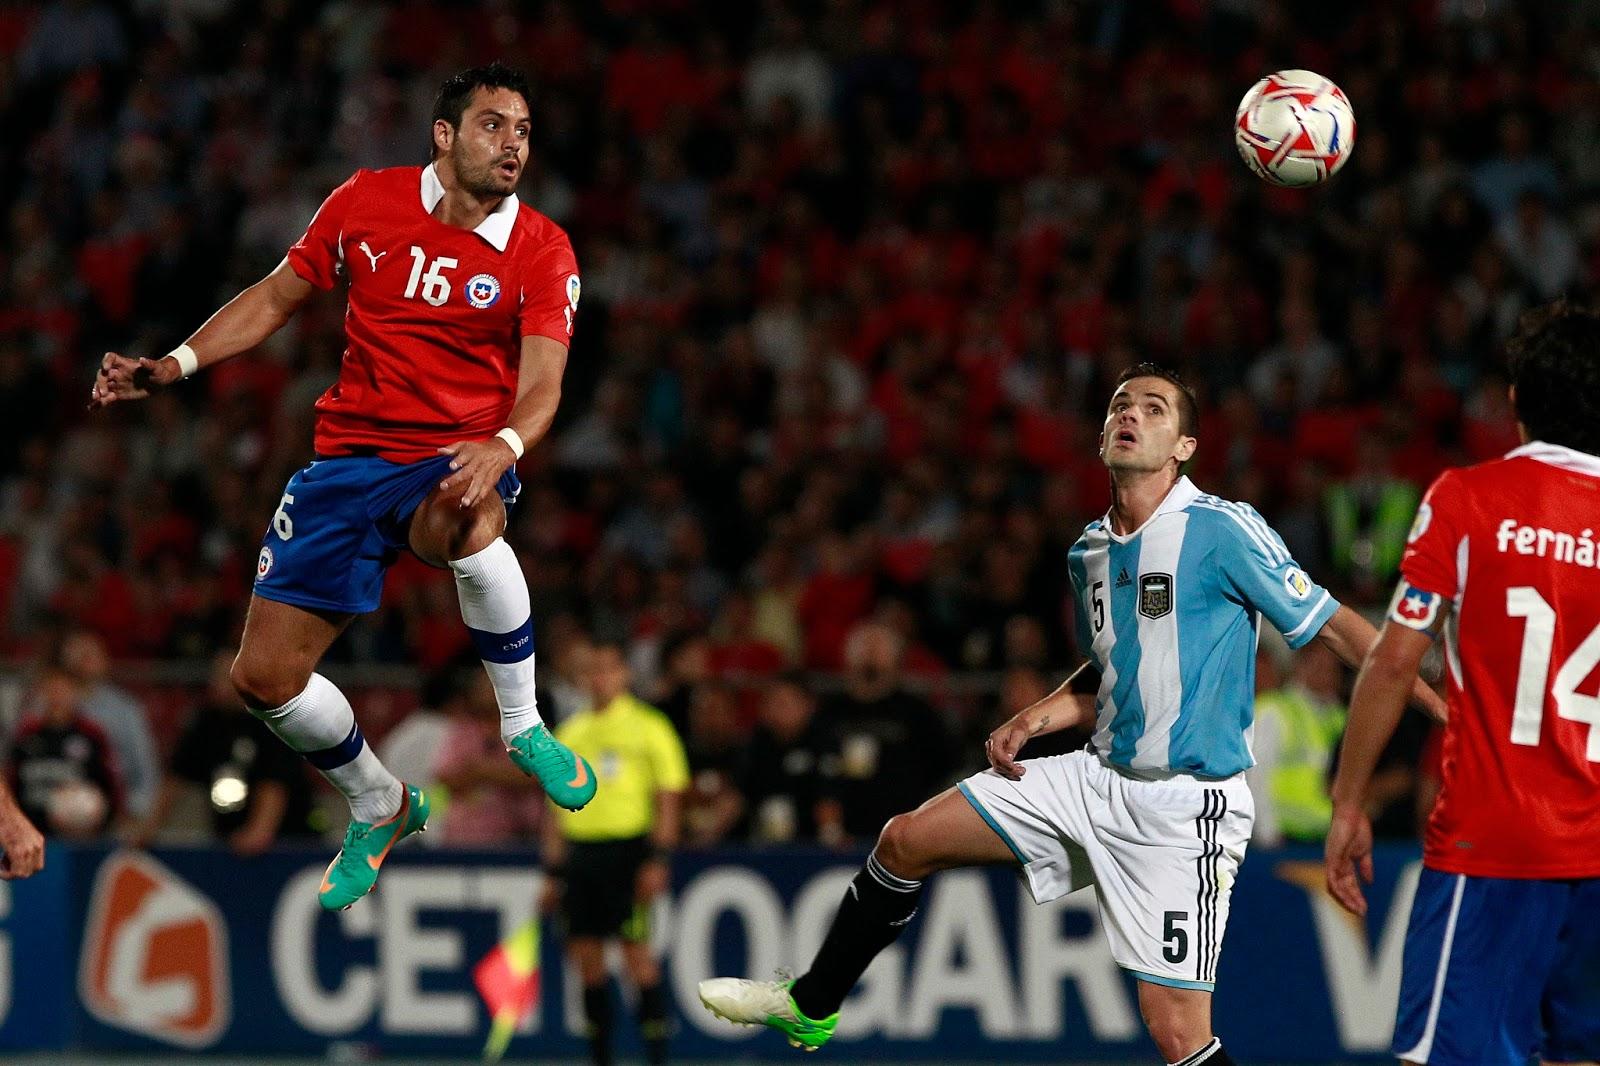 Chile y Argentina en Clasificatorias a Brasil 2014, 16 de octubre de 2012